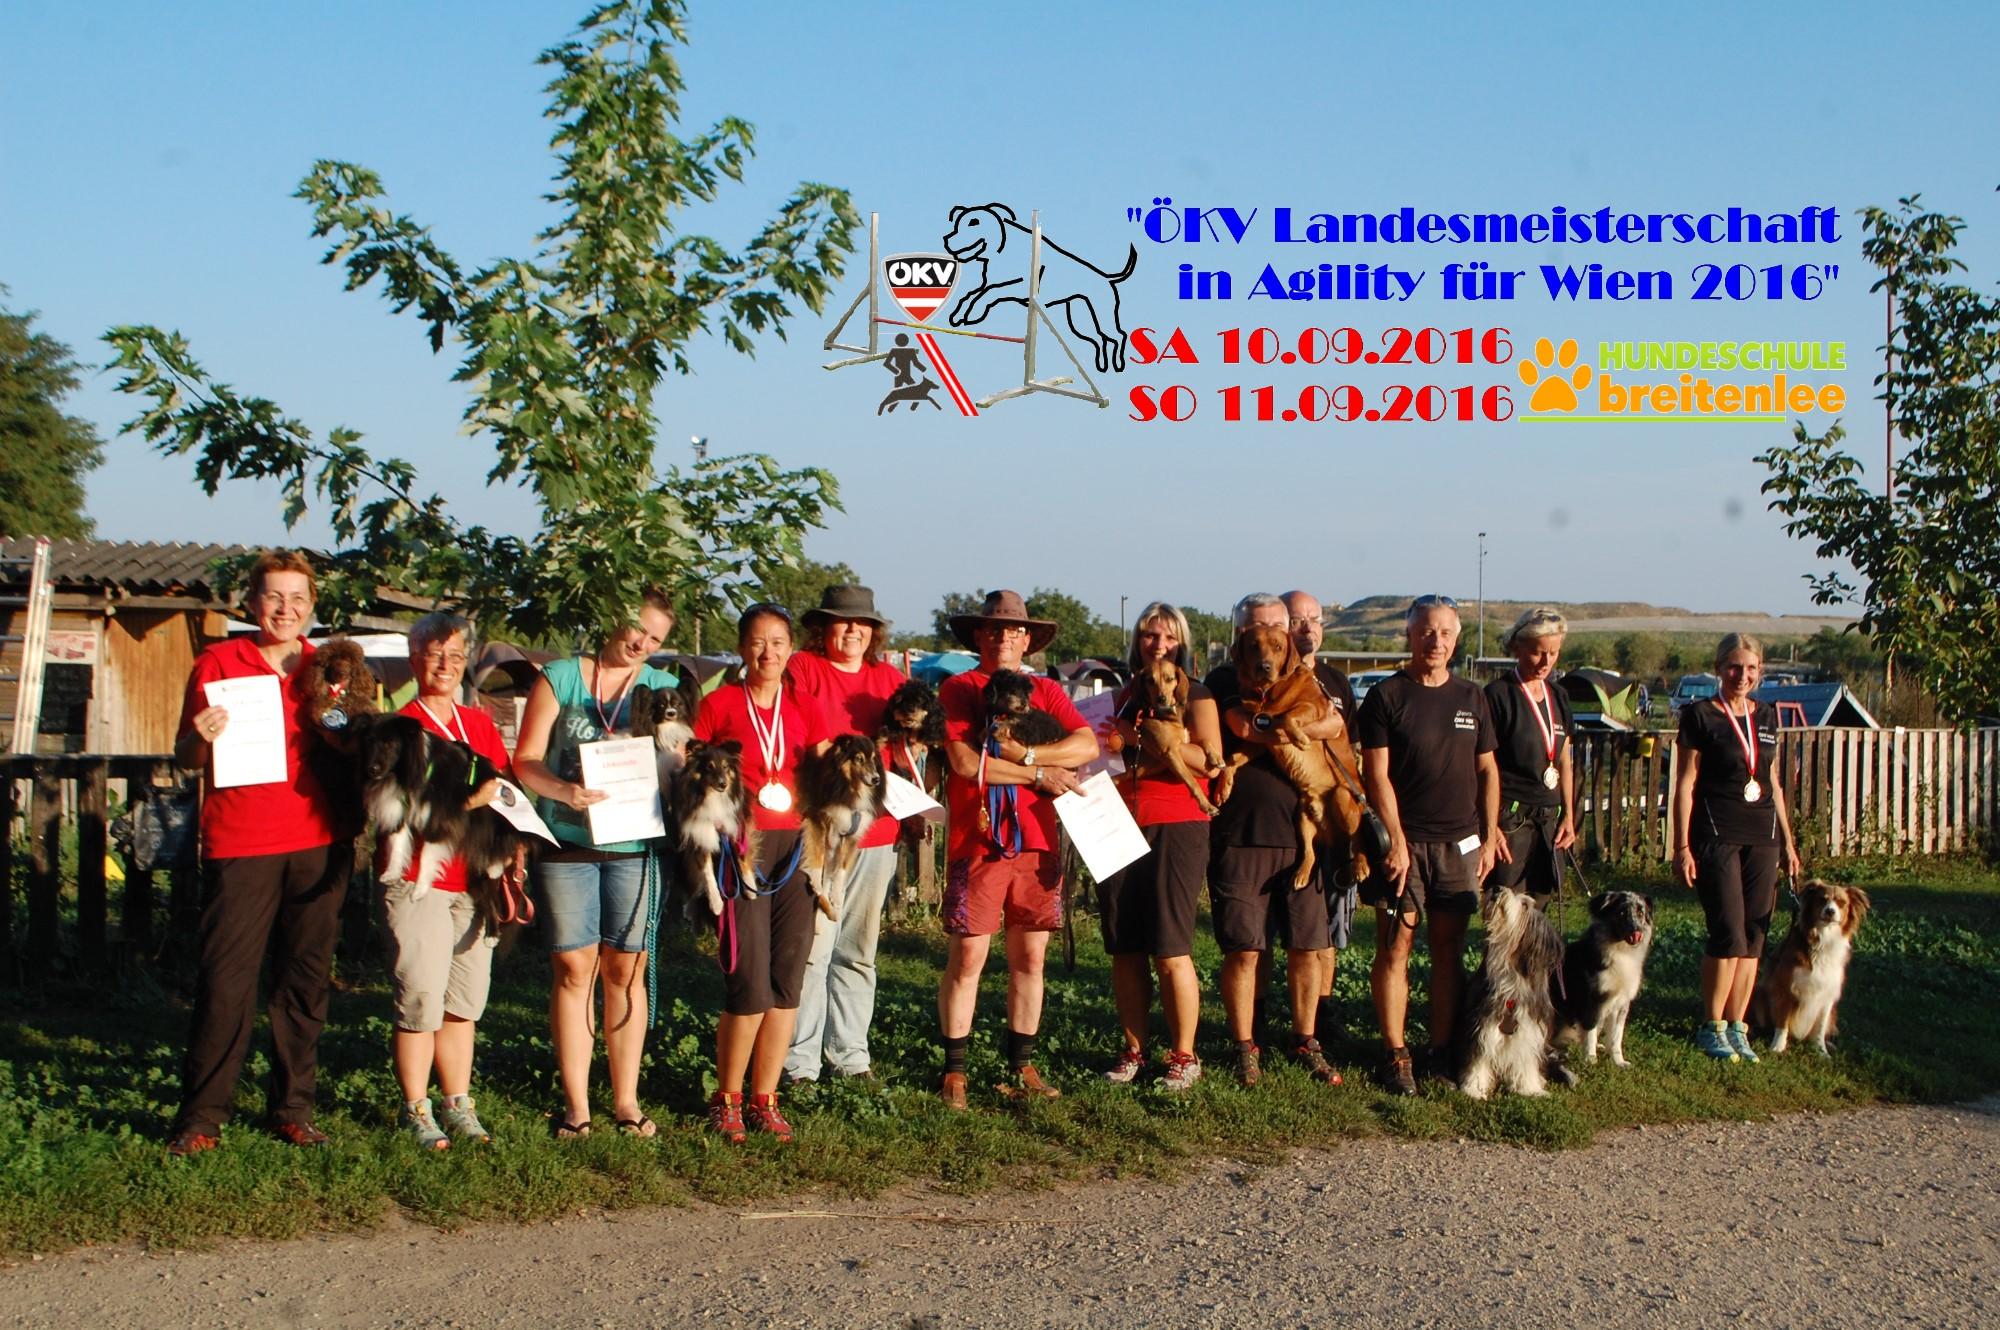 ÖKV Landesmeisterschaften Für Wien In Agility